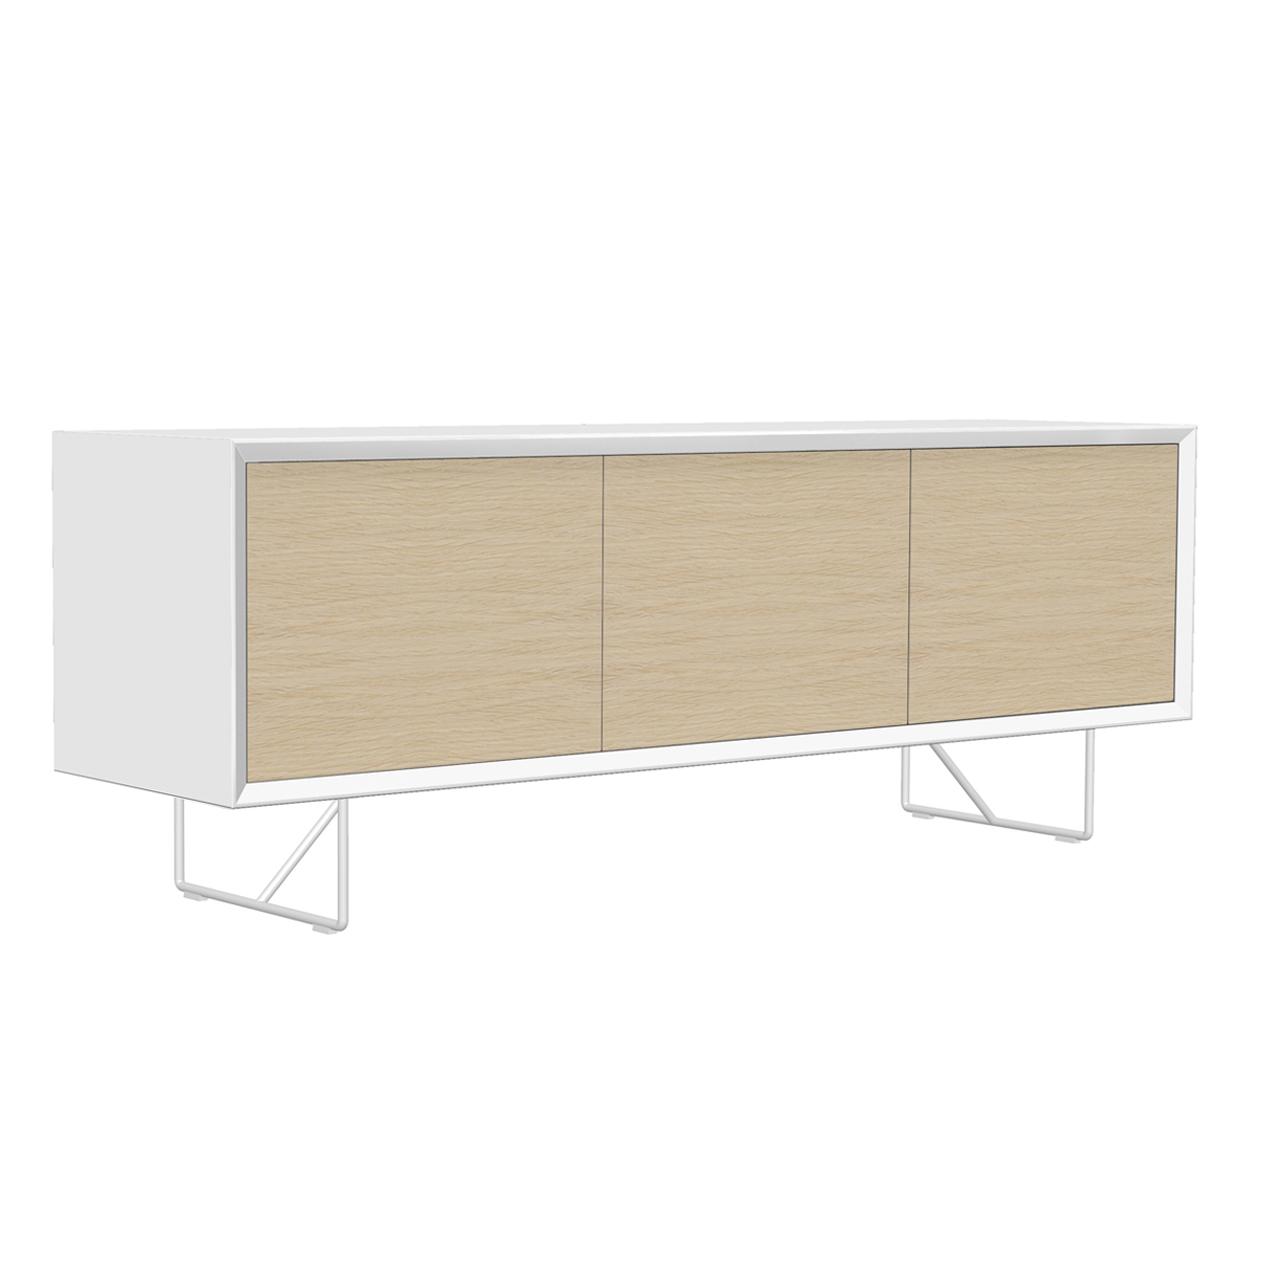 Tv-bänk New Air vit med dörrar i ask, och vita metallben.